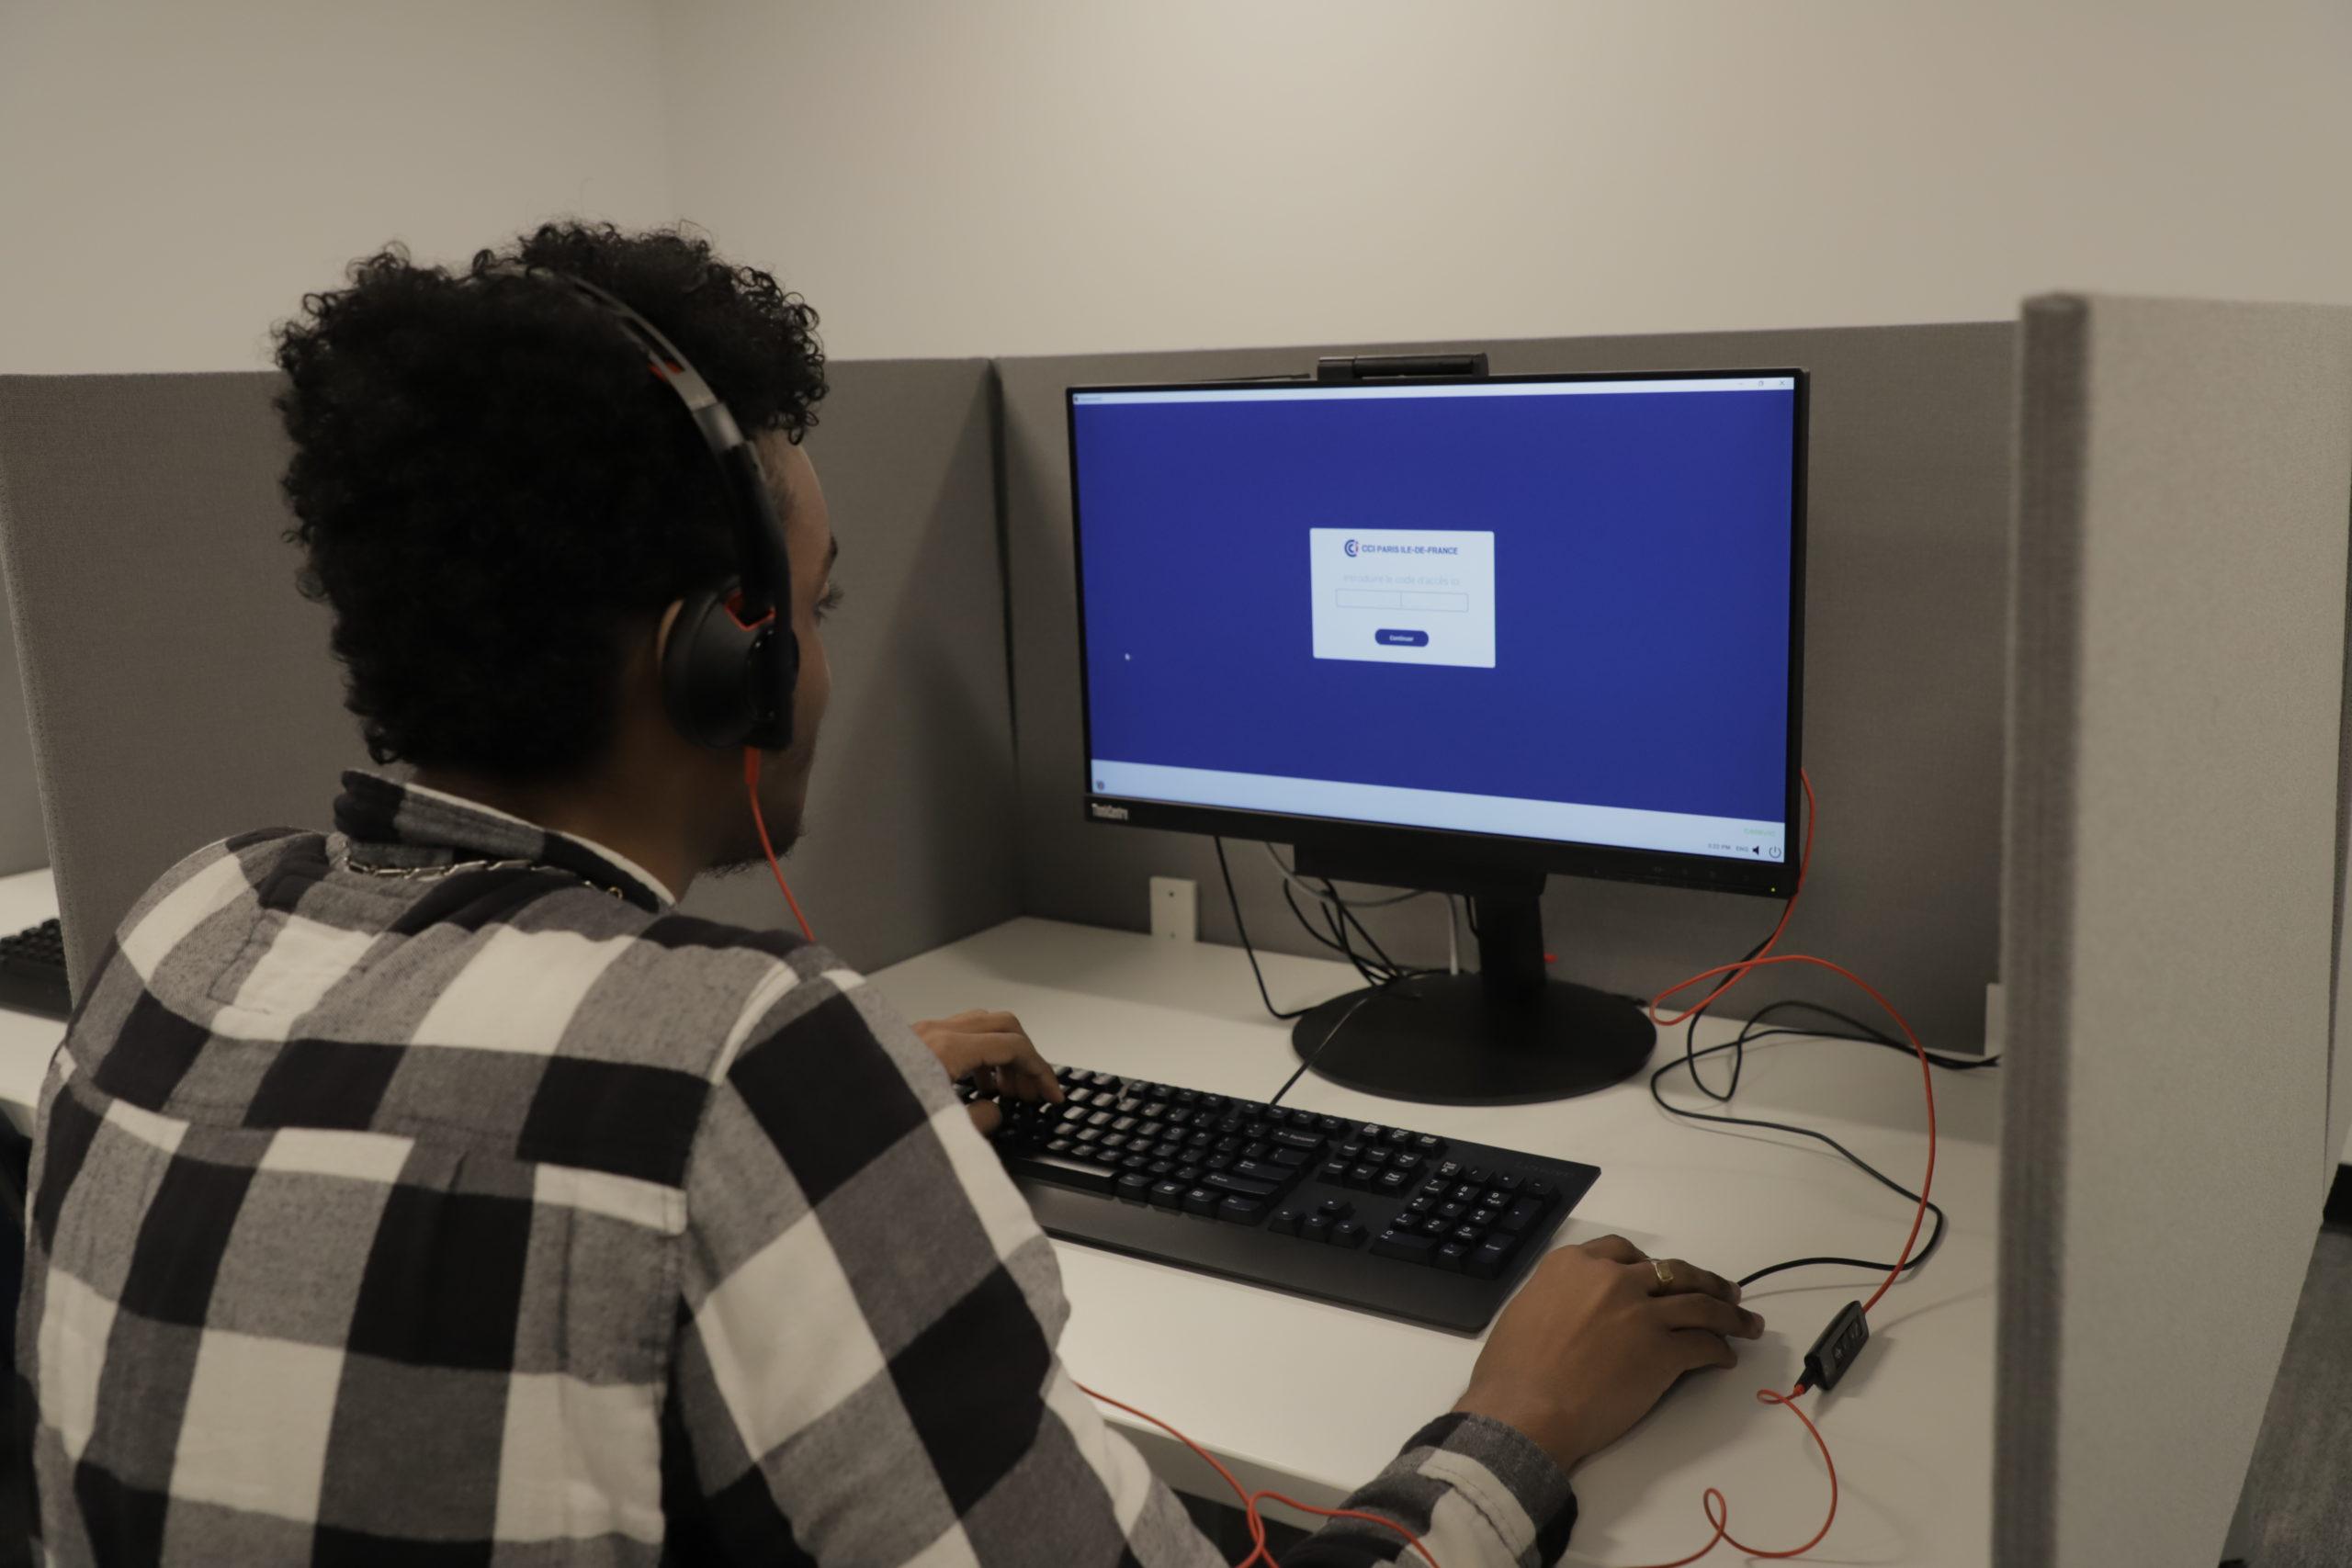 candidat qui passe le test sur ordinateur